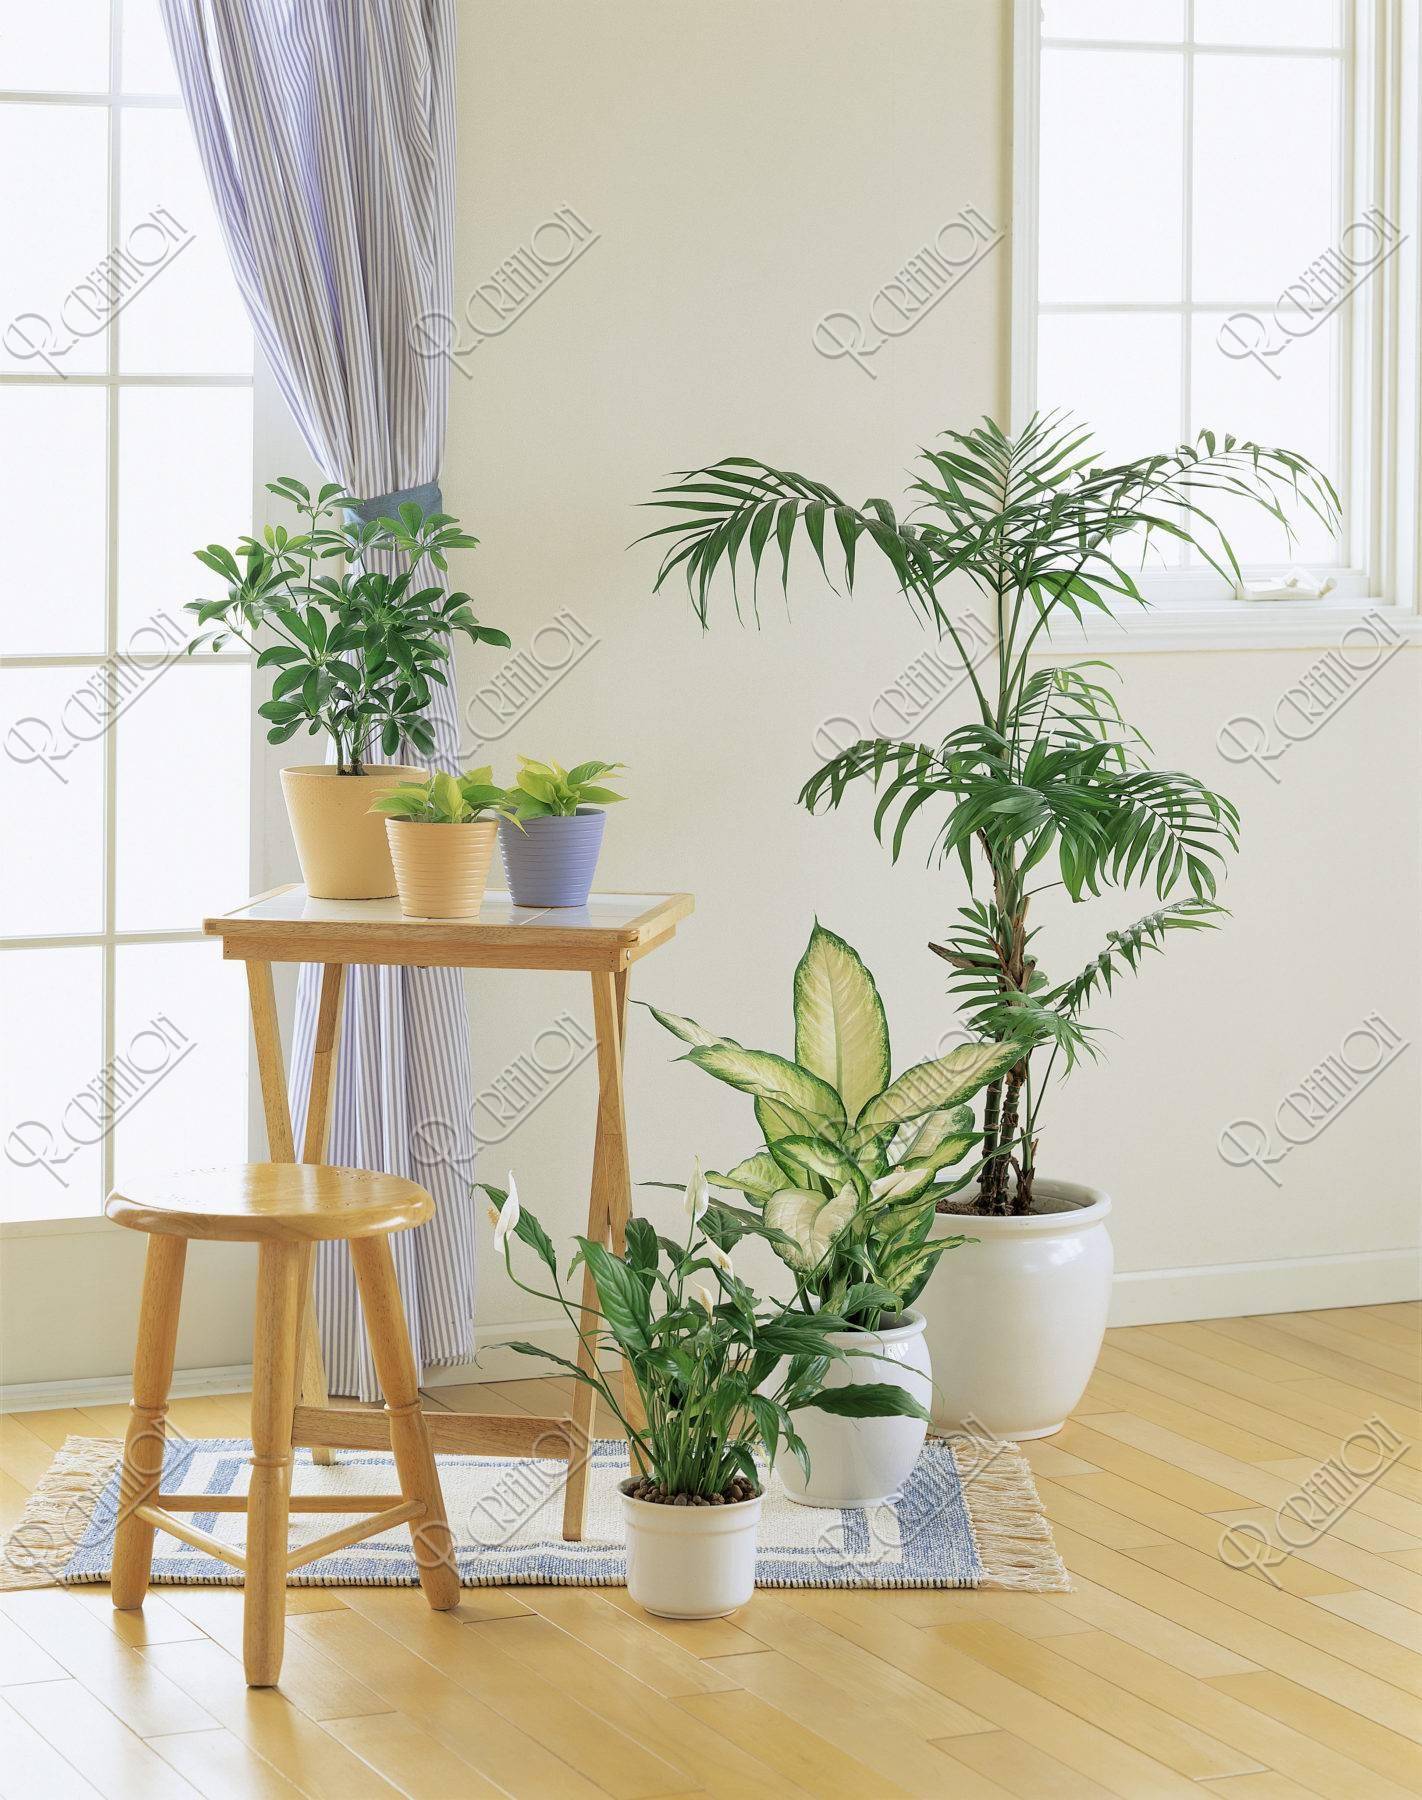 床に置いた観葉植物